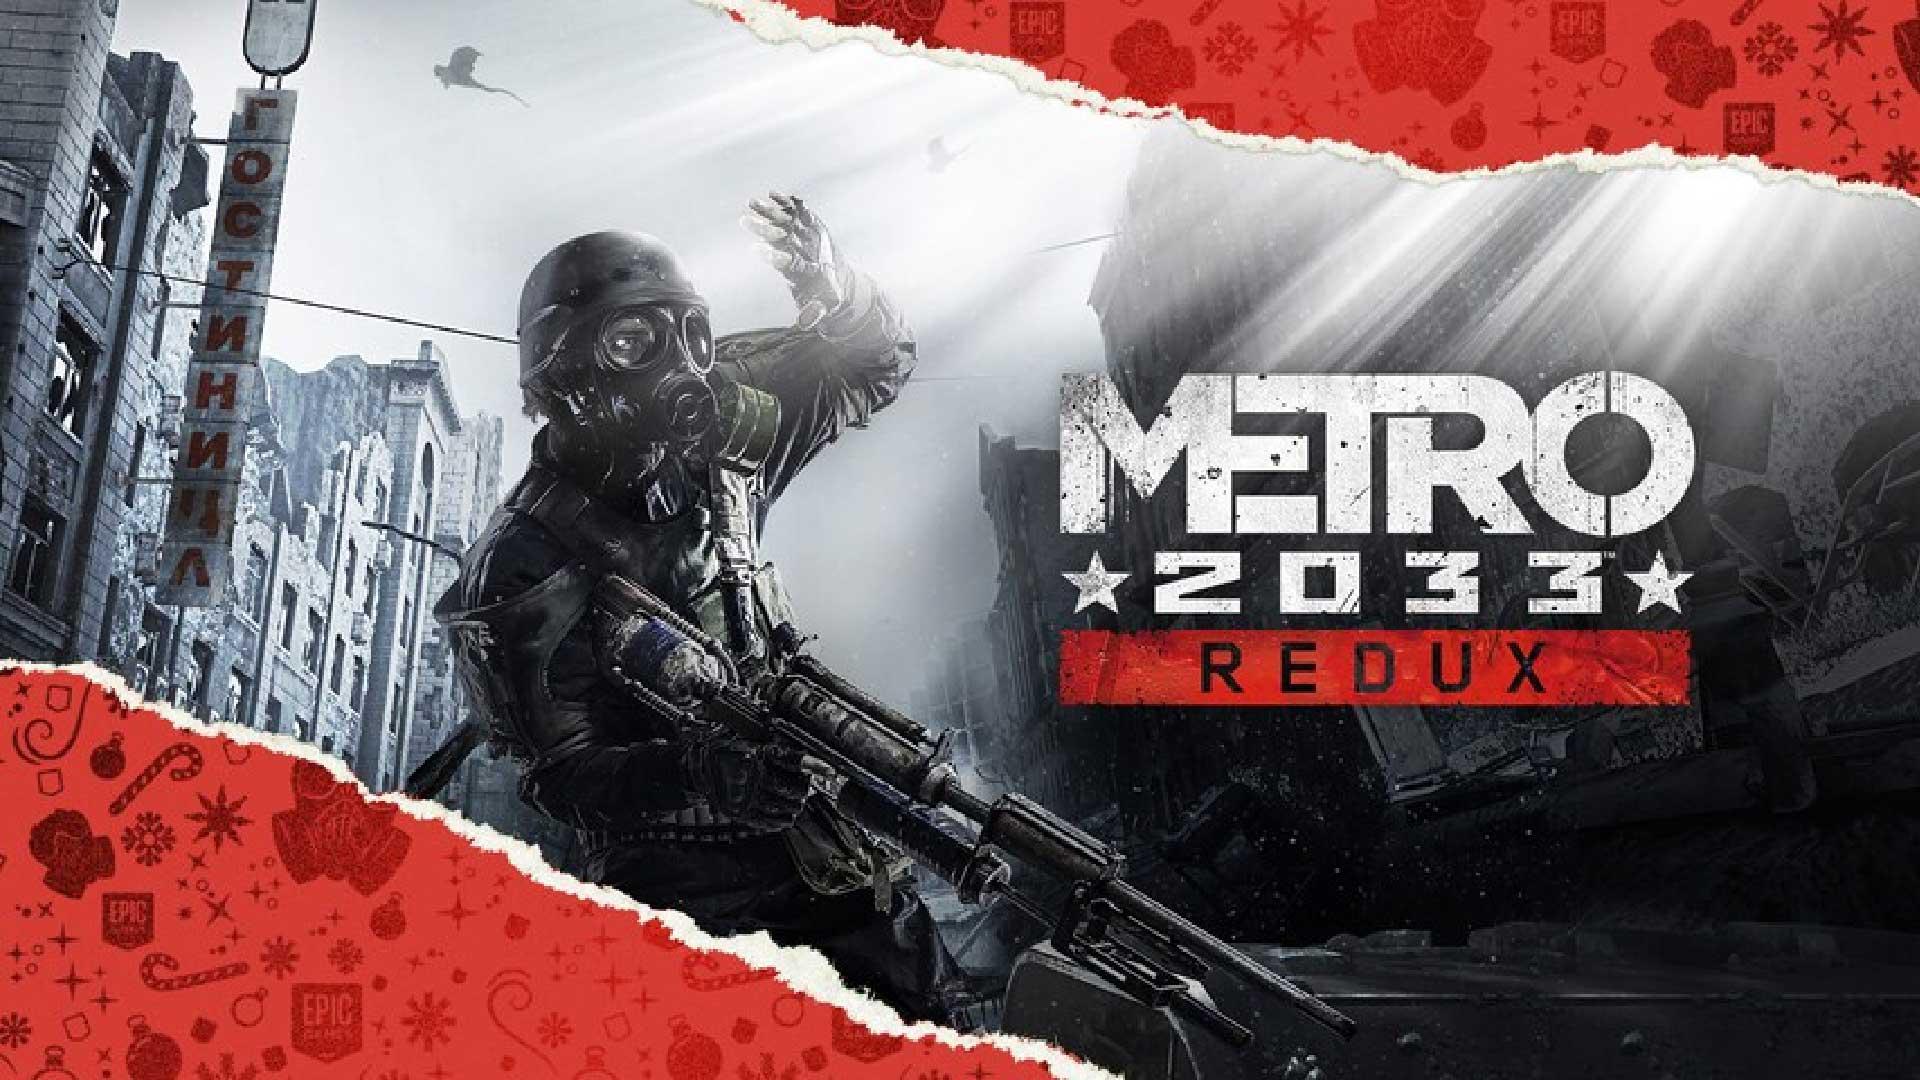 metro 2033 redux free game epic games